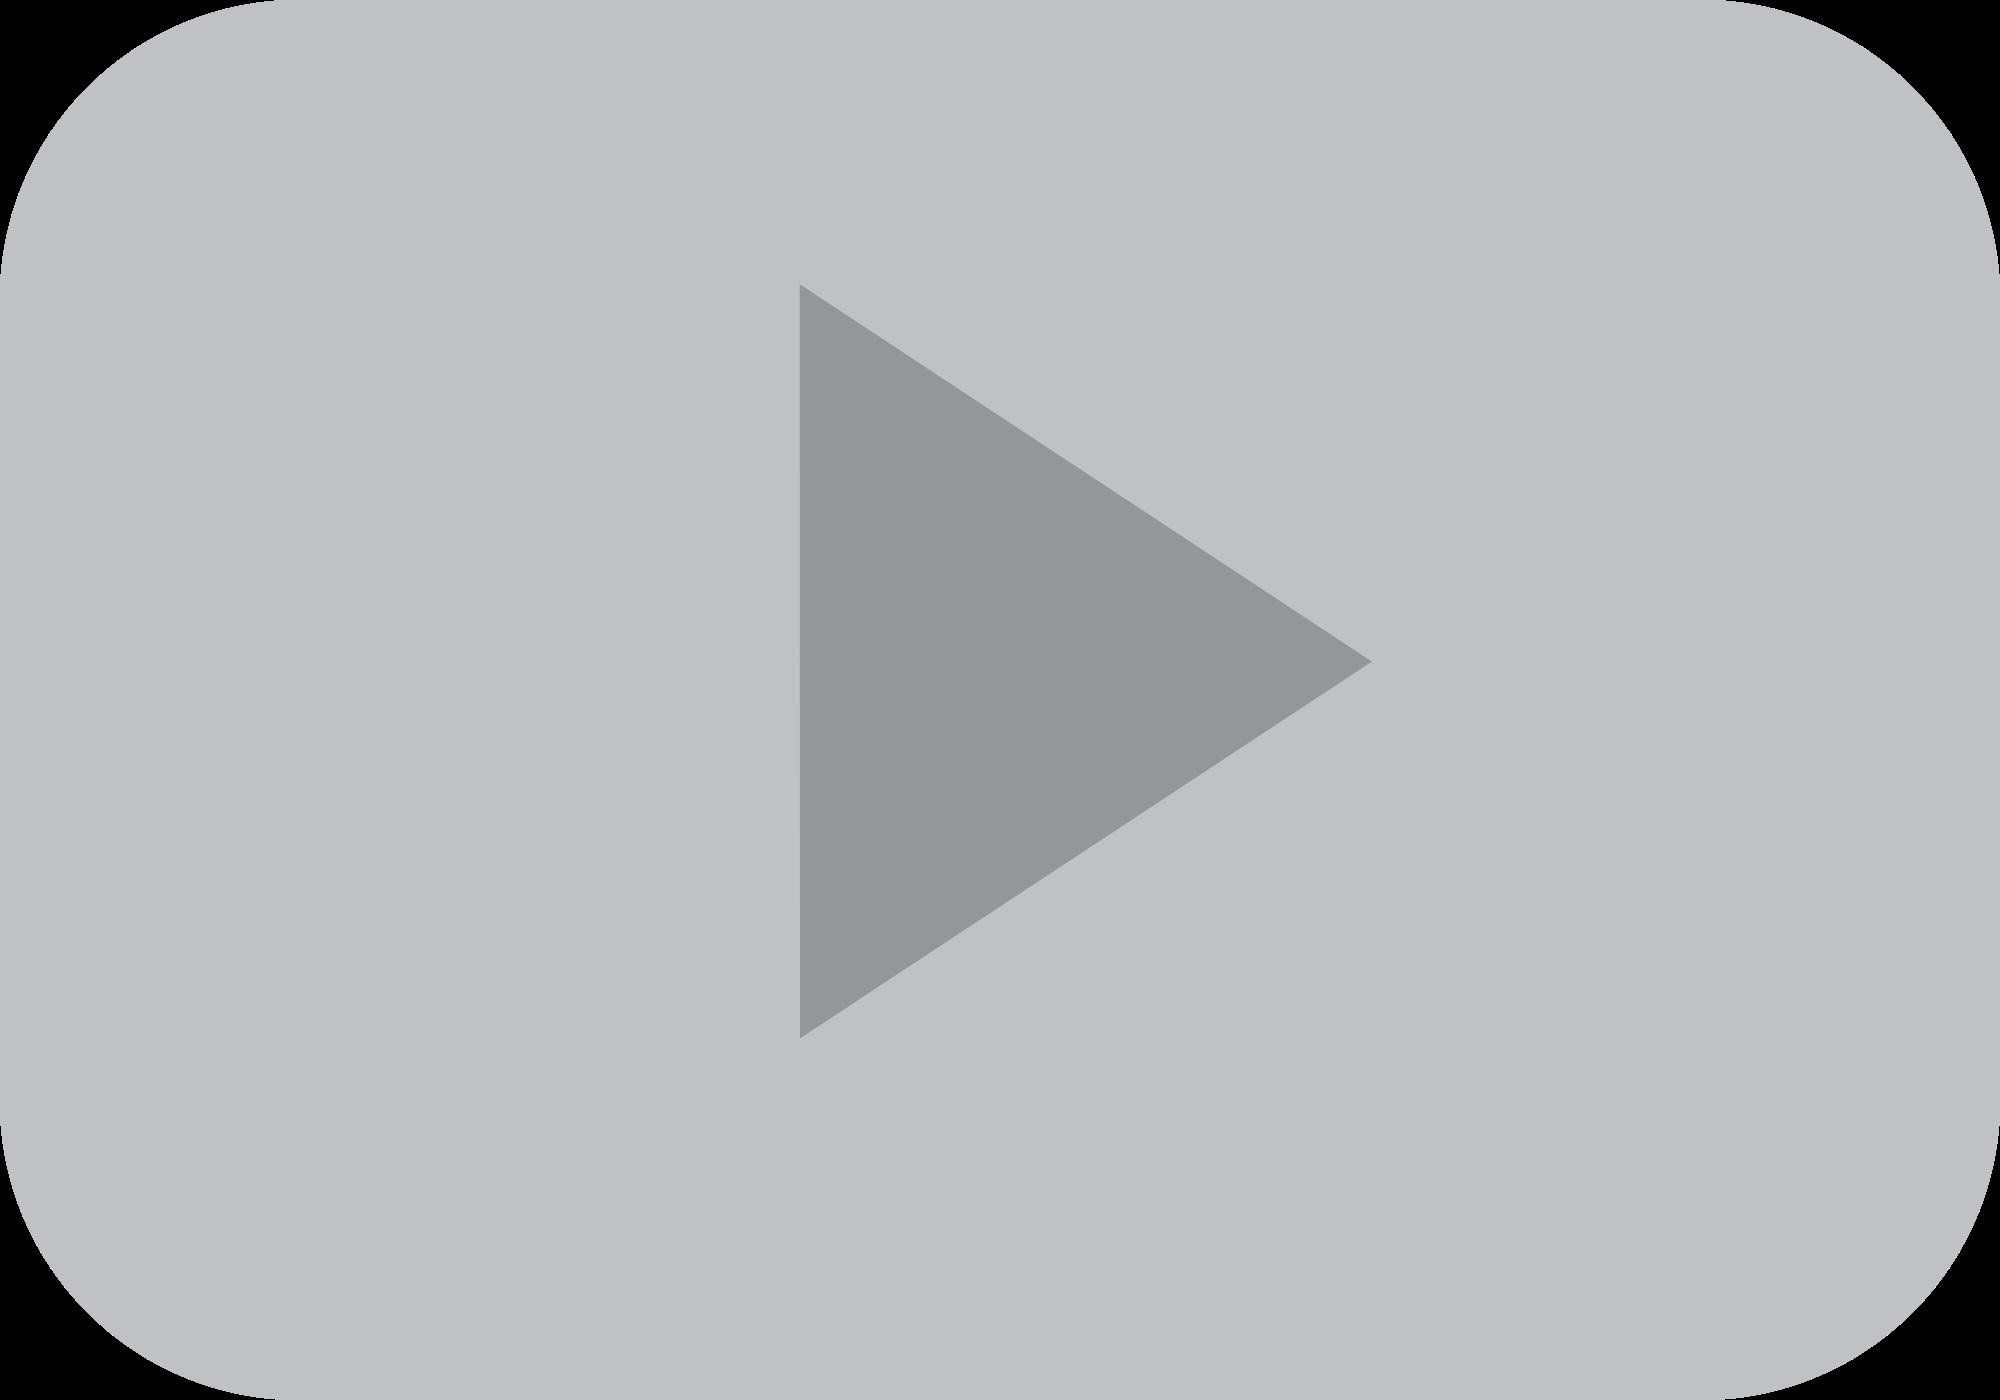 adobe acrobat 10.1.16 download